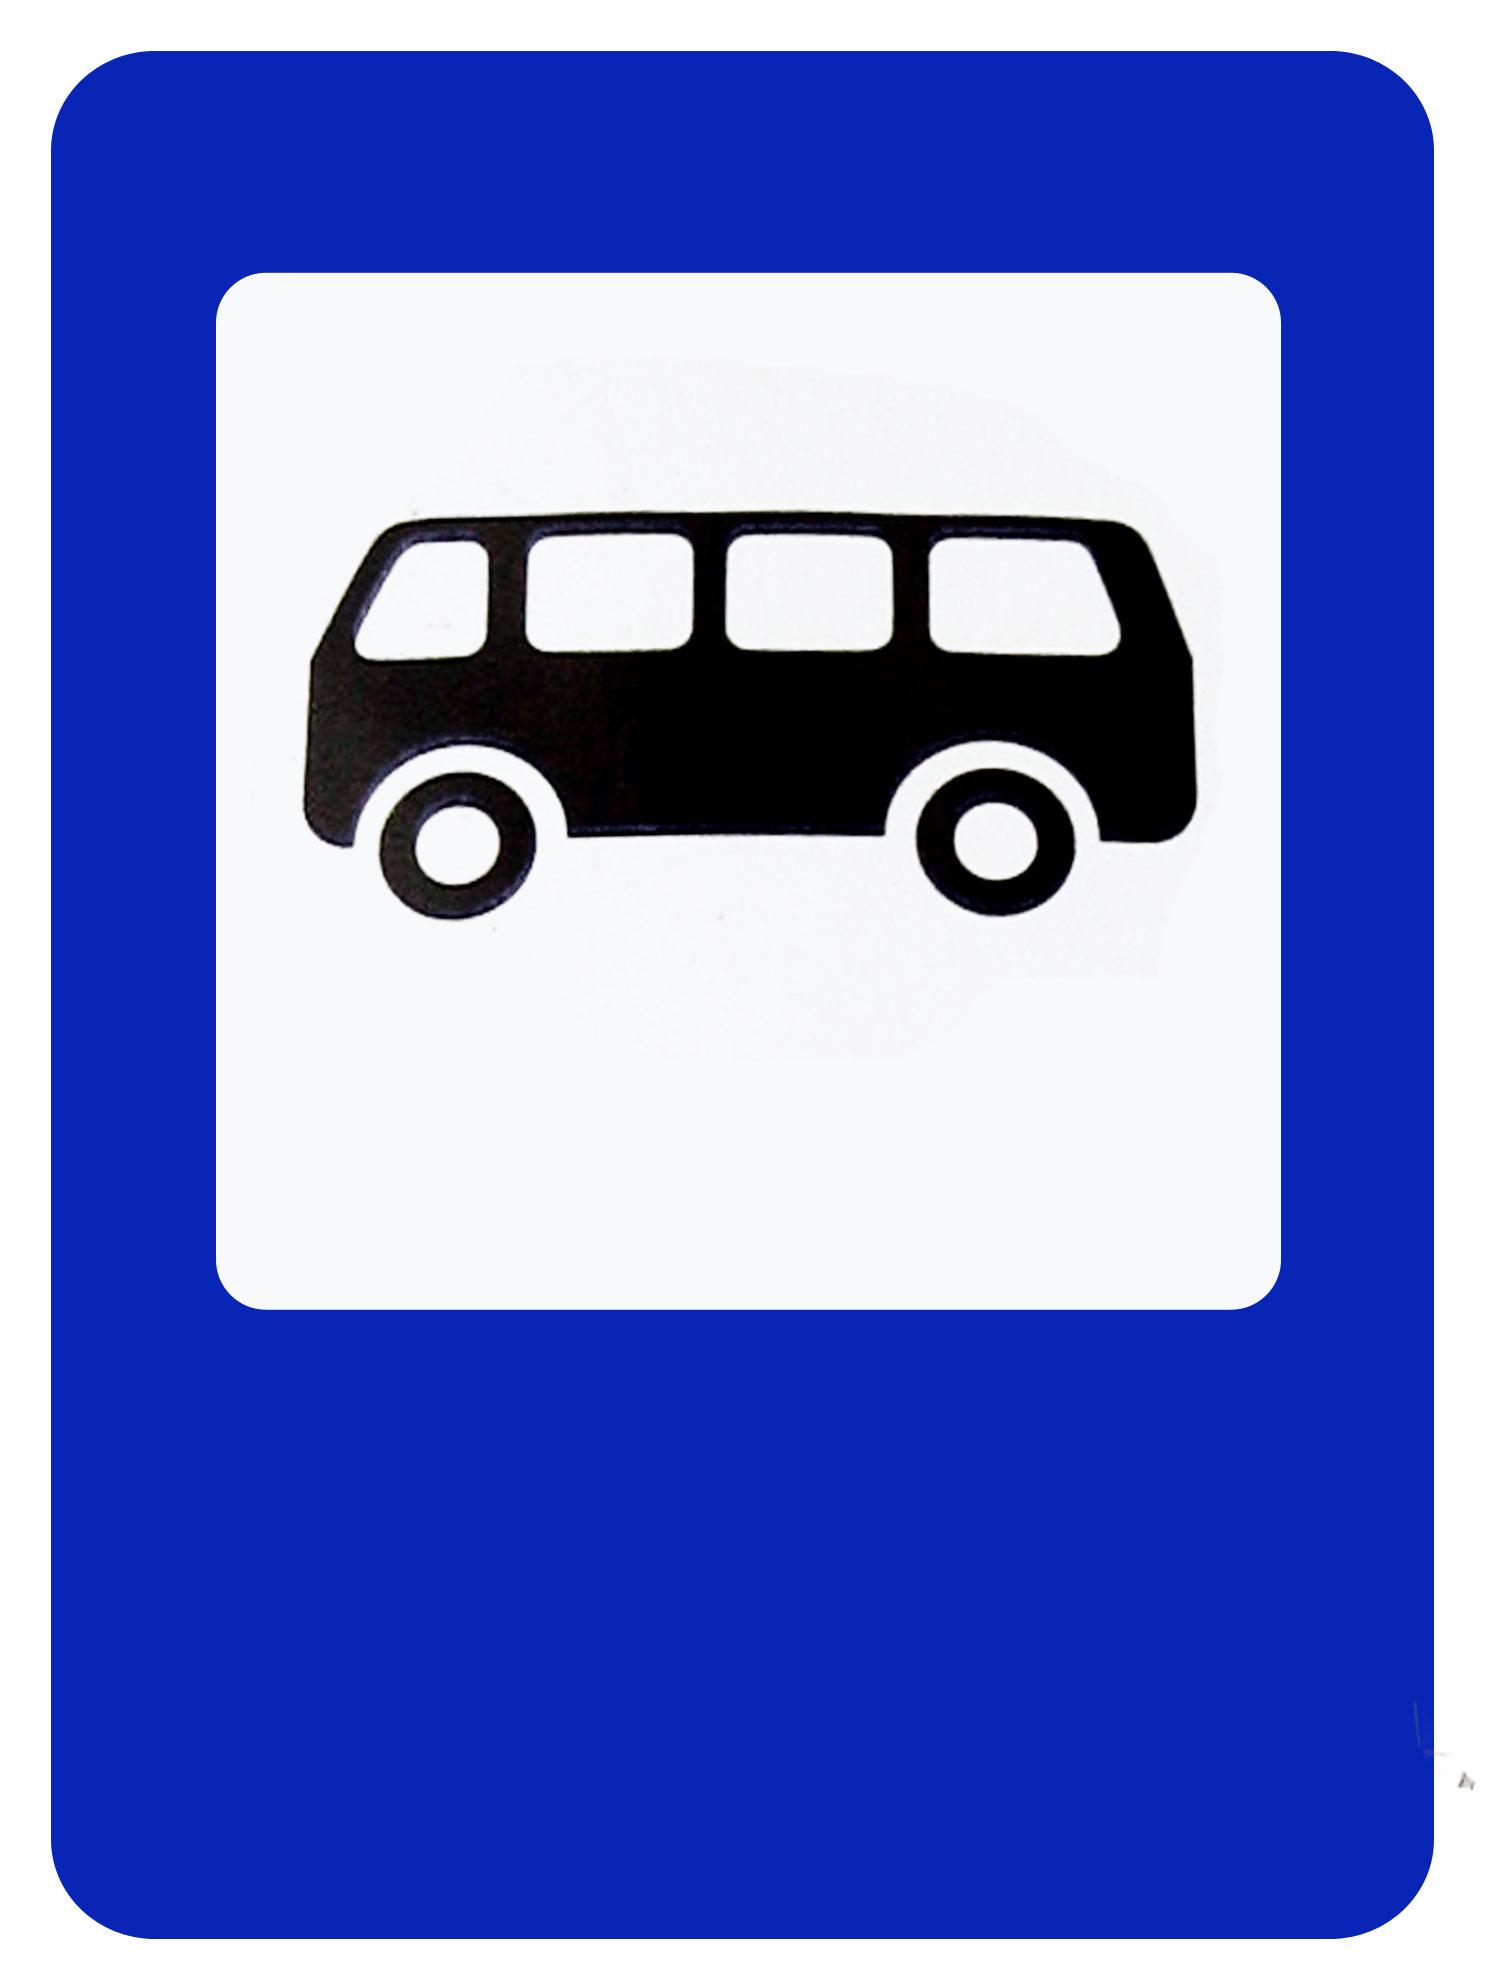 Клипарт дорожные знаки можно